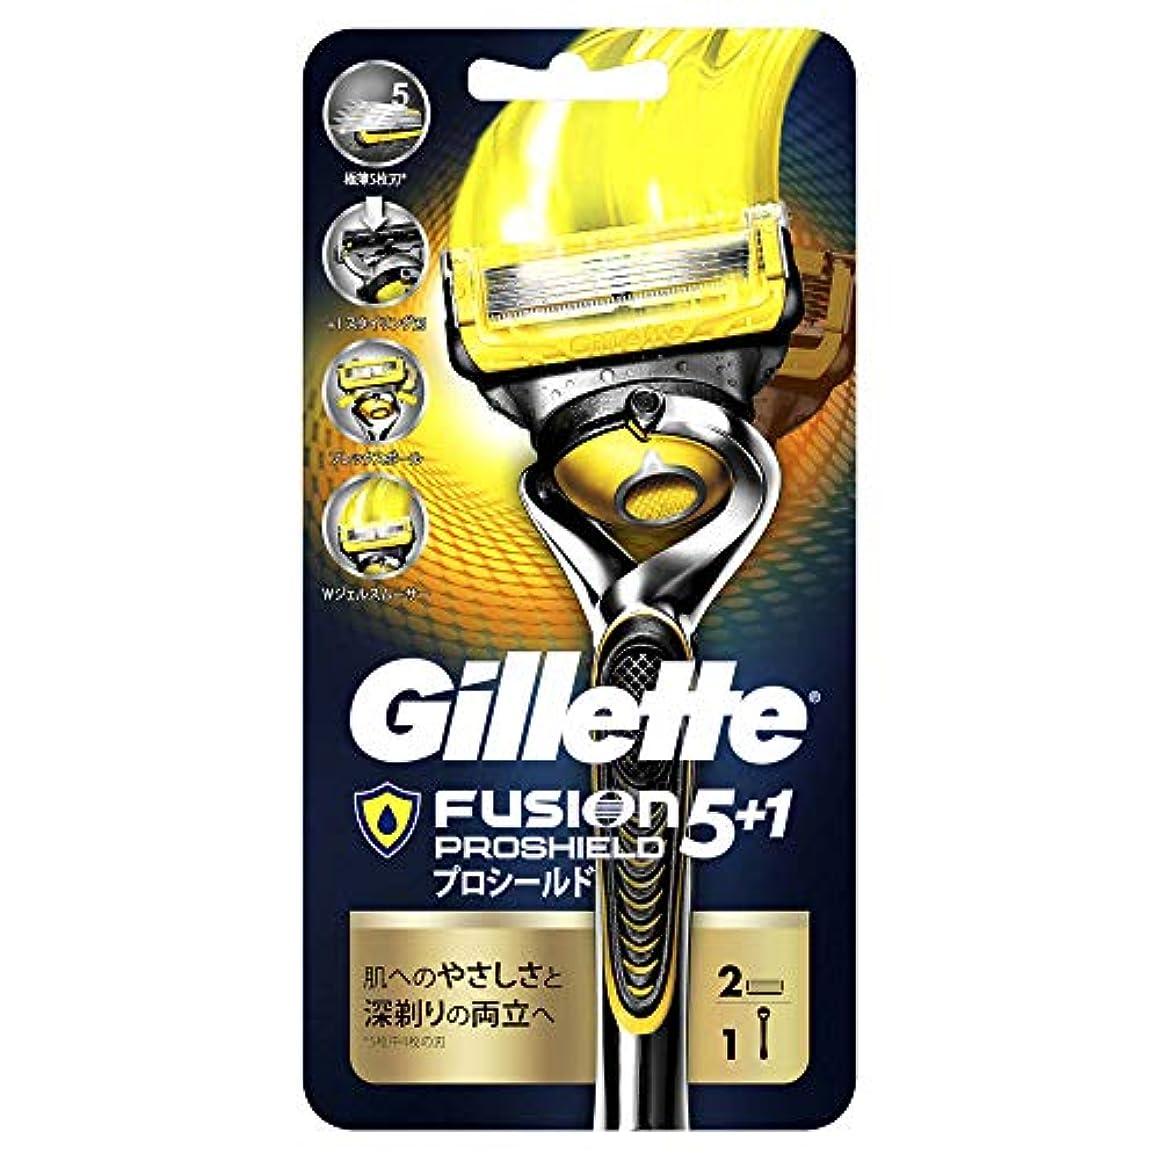 仕出しますフラッシュのように素早く呼ぶジレット プロシールド 髭剃り 本体+替刃2コ付